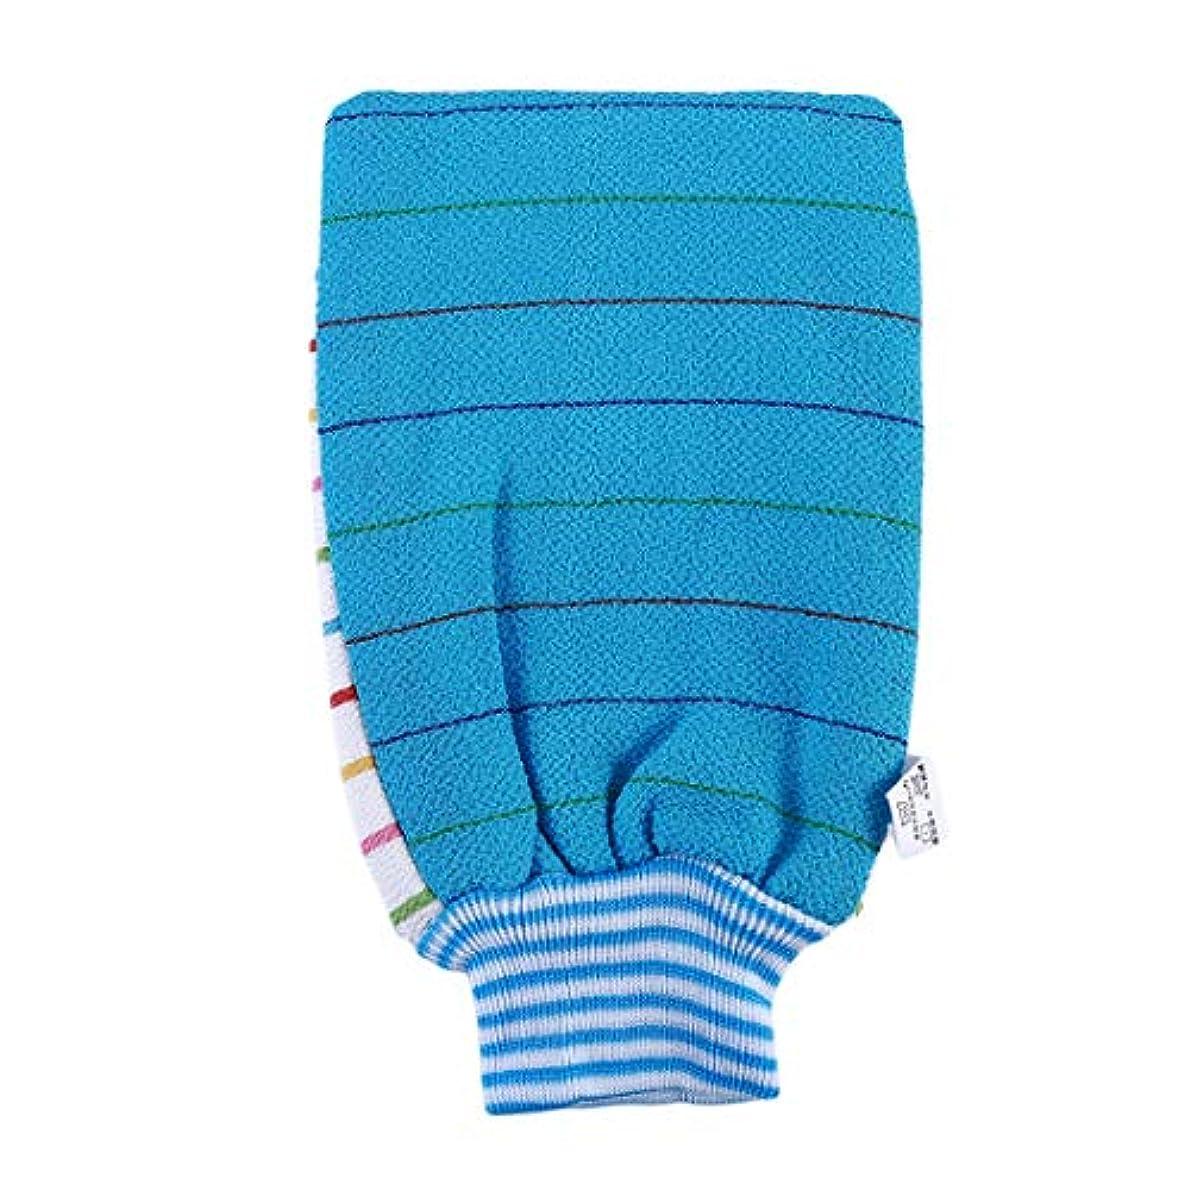 辛なモネ秋KLUMA 浴用手袋 ボディ手袋 ボディタオル 垢すり用グローブ 毛穴清潔 角質除去 入浴用品 ブルー